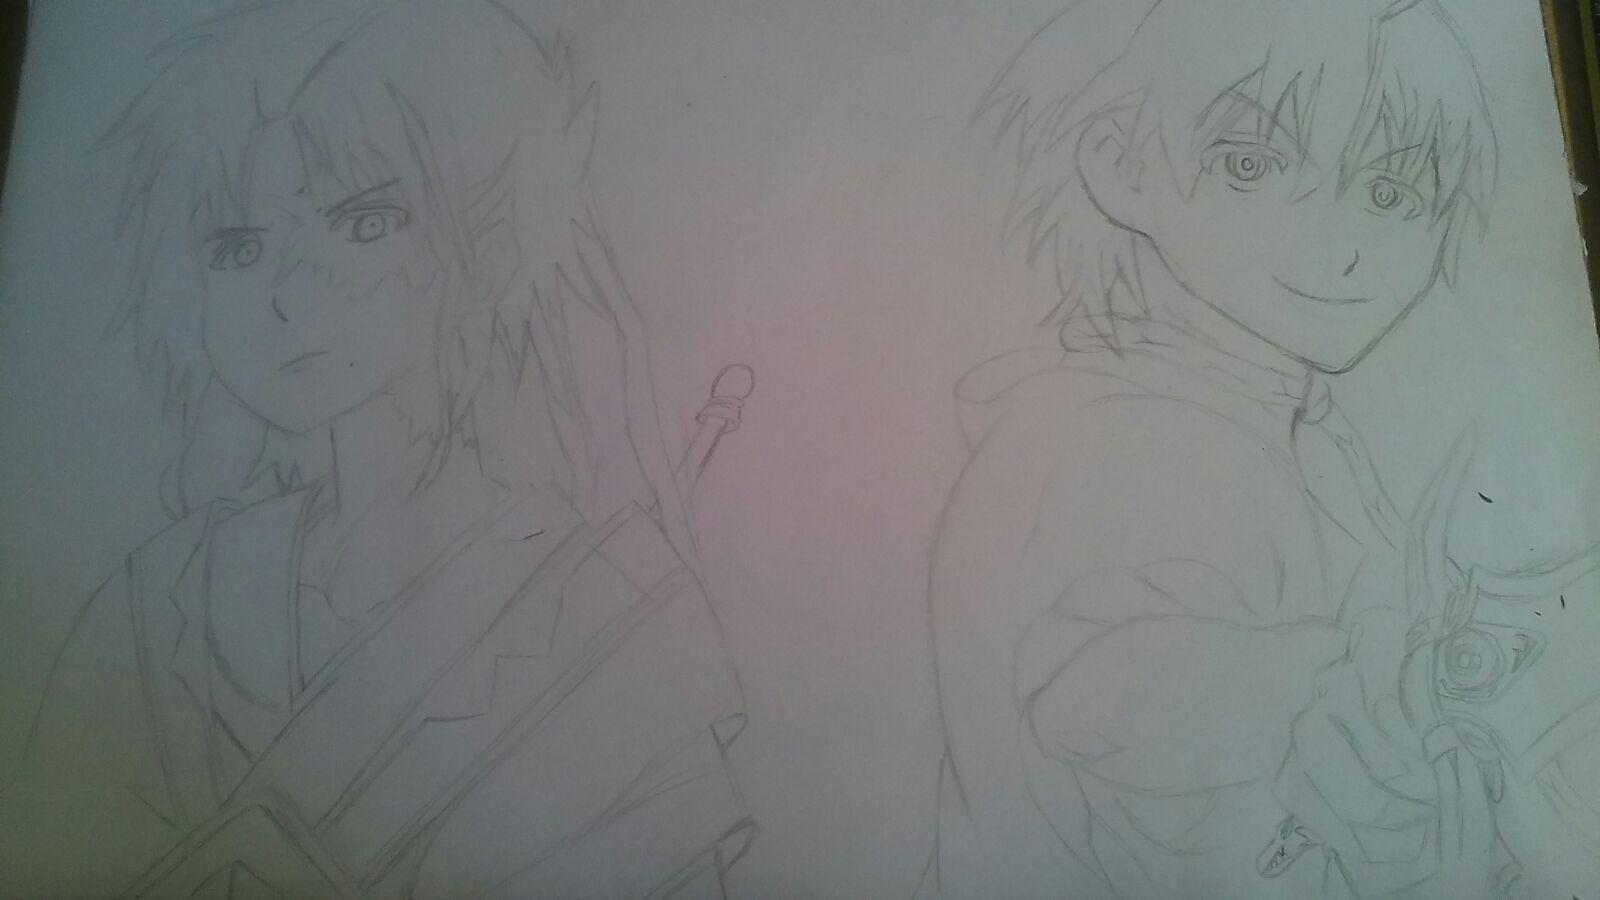 Sketch for COTM